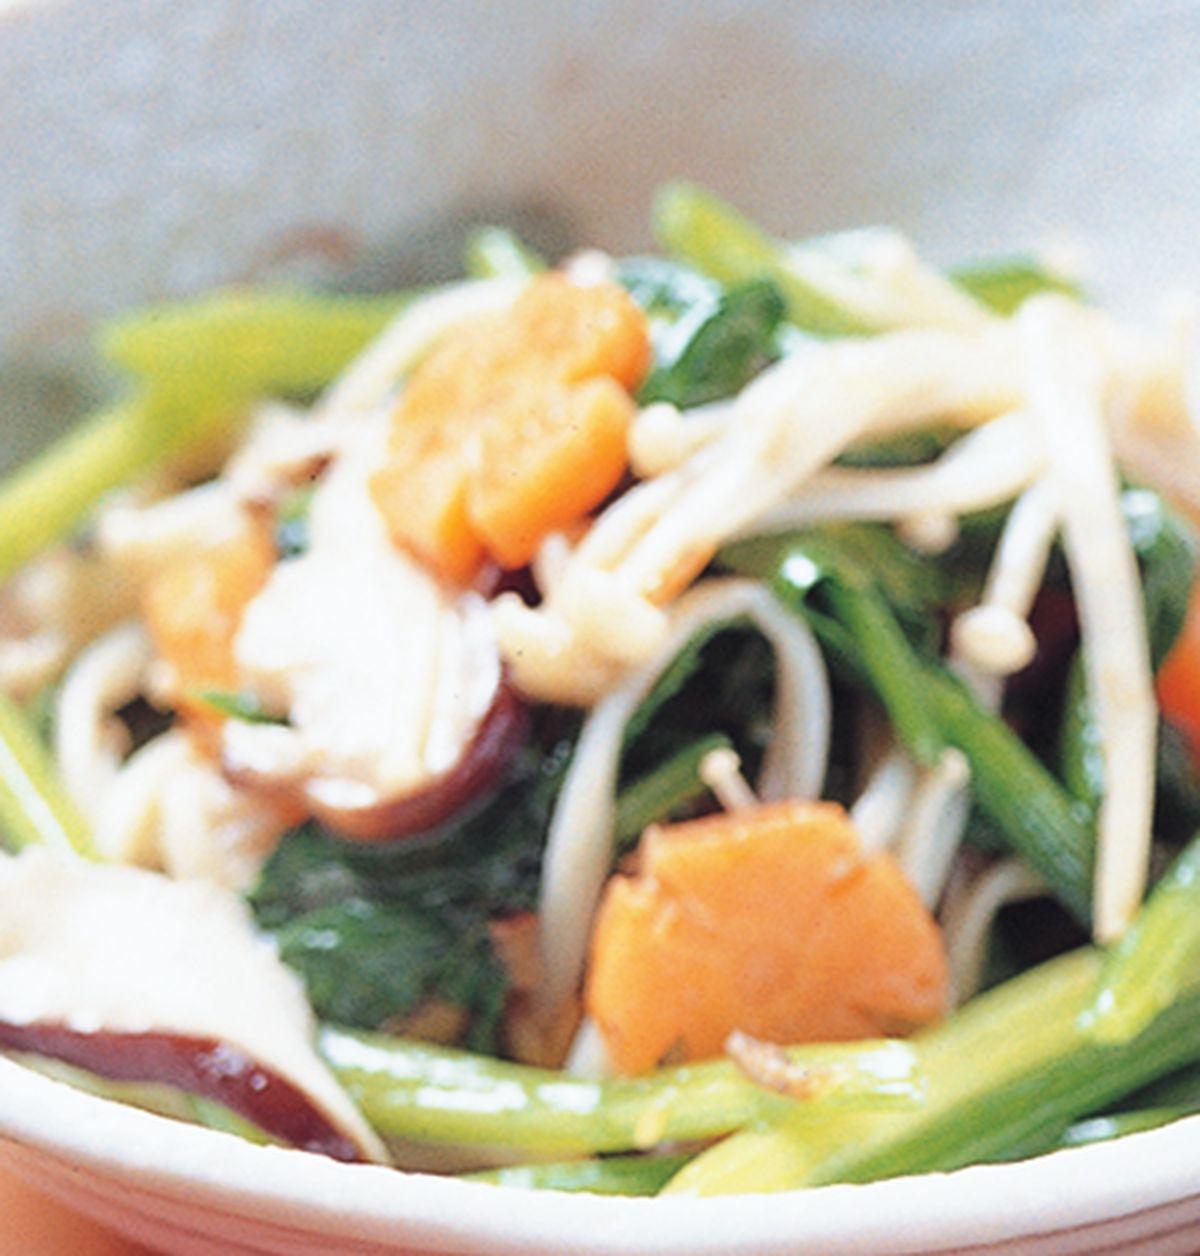 食譜:菠菜炒雙菇